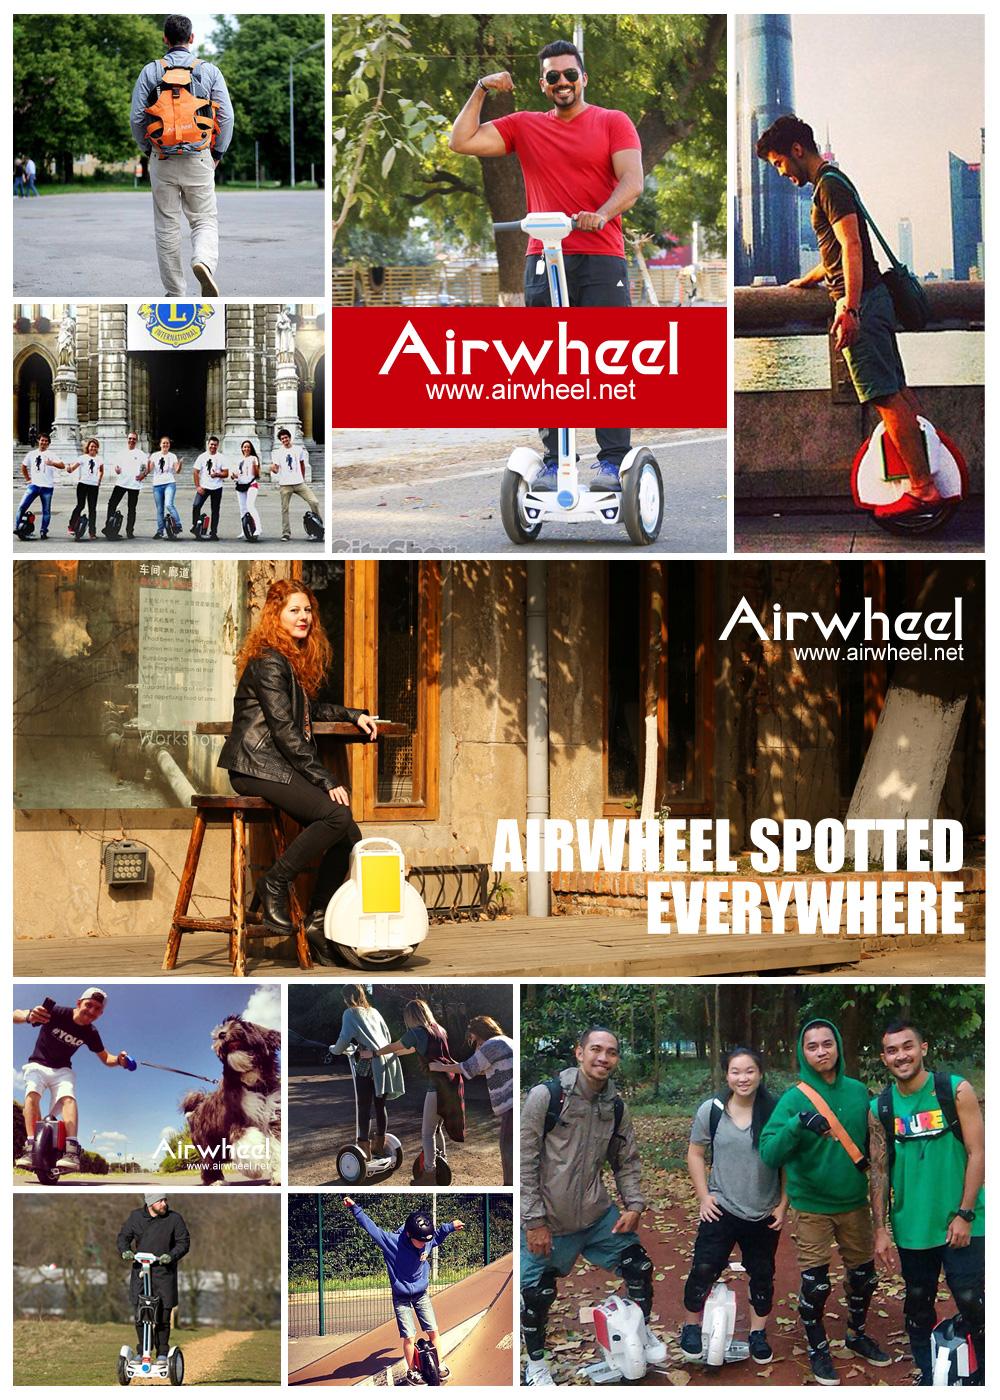 auto-bilanciamento scooter, Airwheel